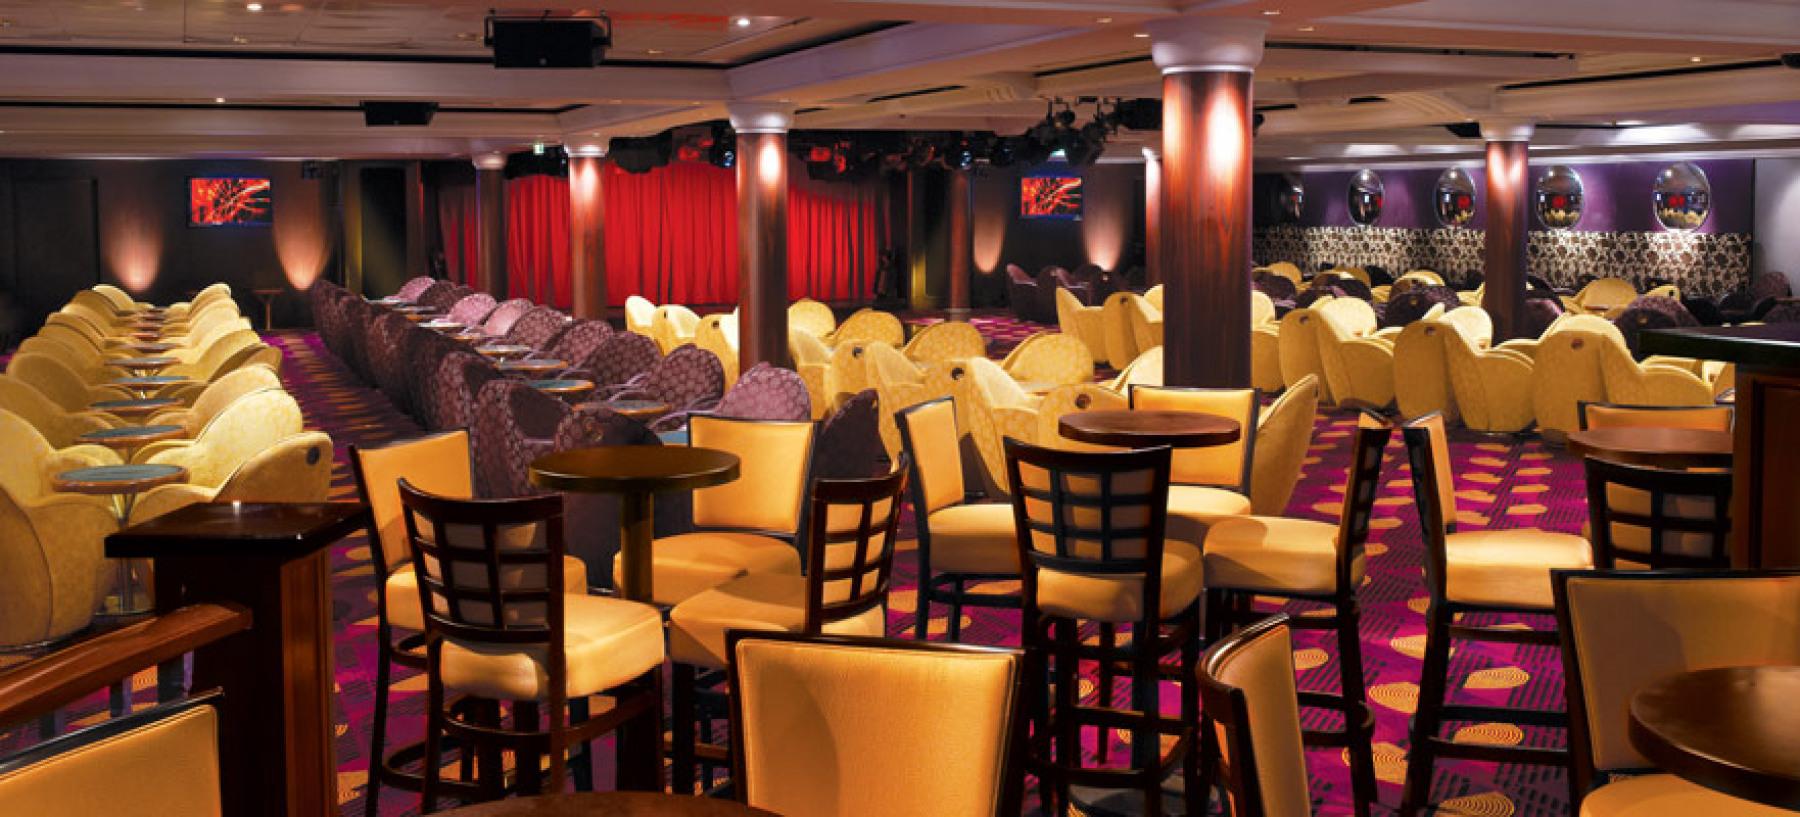 Norwegian Cruise Line Norwegian Star Spinnaker lounge.jpg